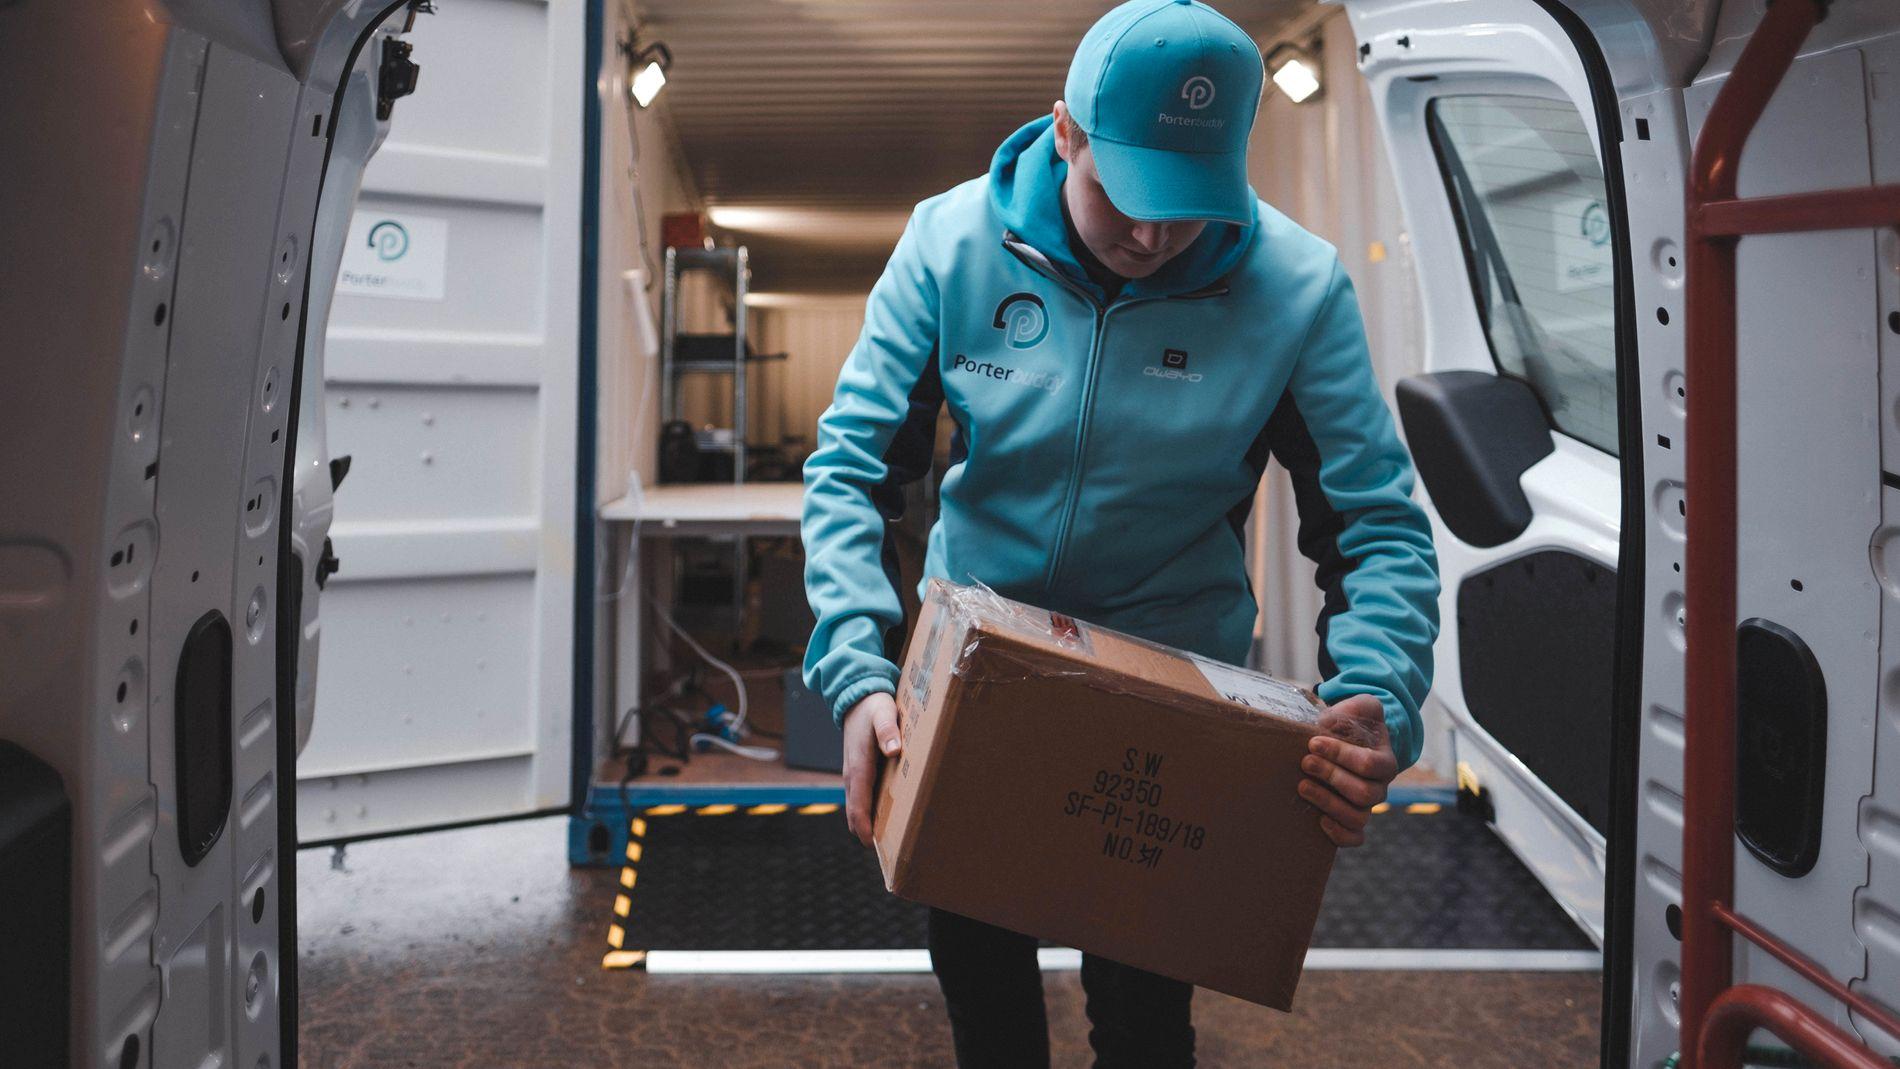 LEVERING: Porterbuddy bruker blant annet budbilselskaper og ledig kapasitet i Oslo Taxi til å levere varer til kundene sine - samme dag som de bestilte produktet.